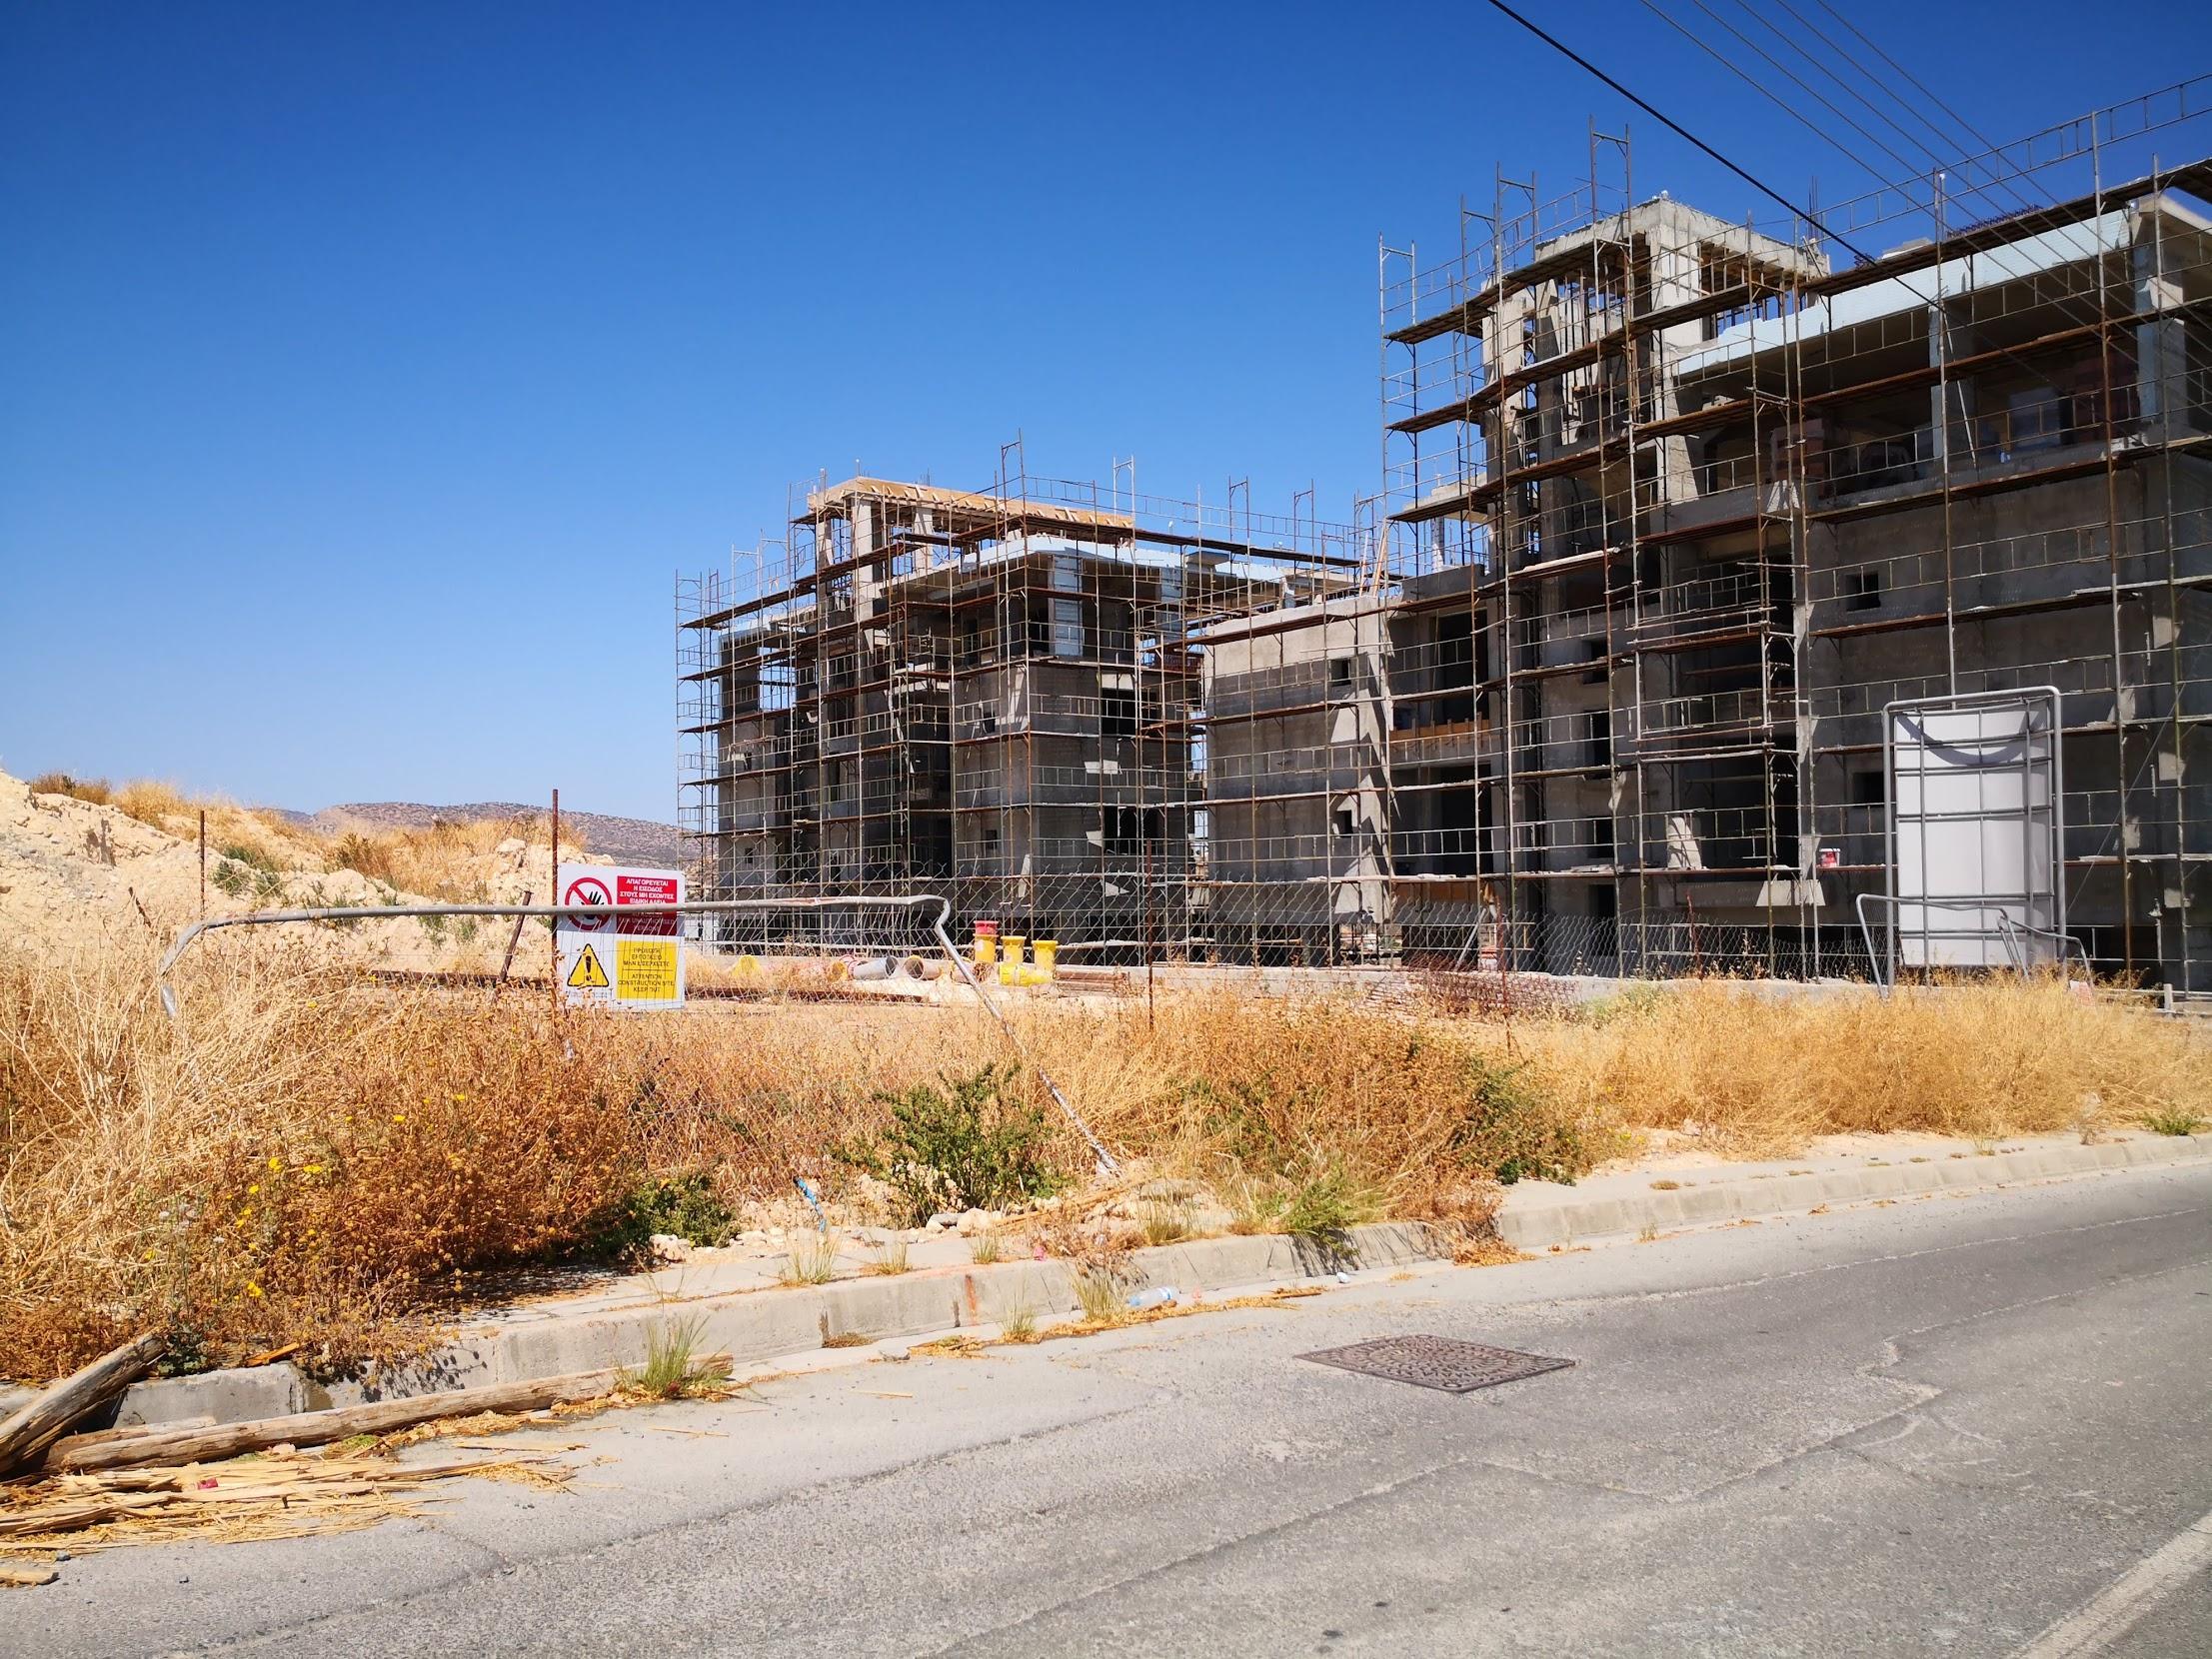 Цены на строительные материалы на Кипре продолжат расти